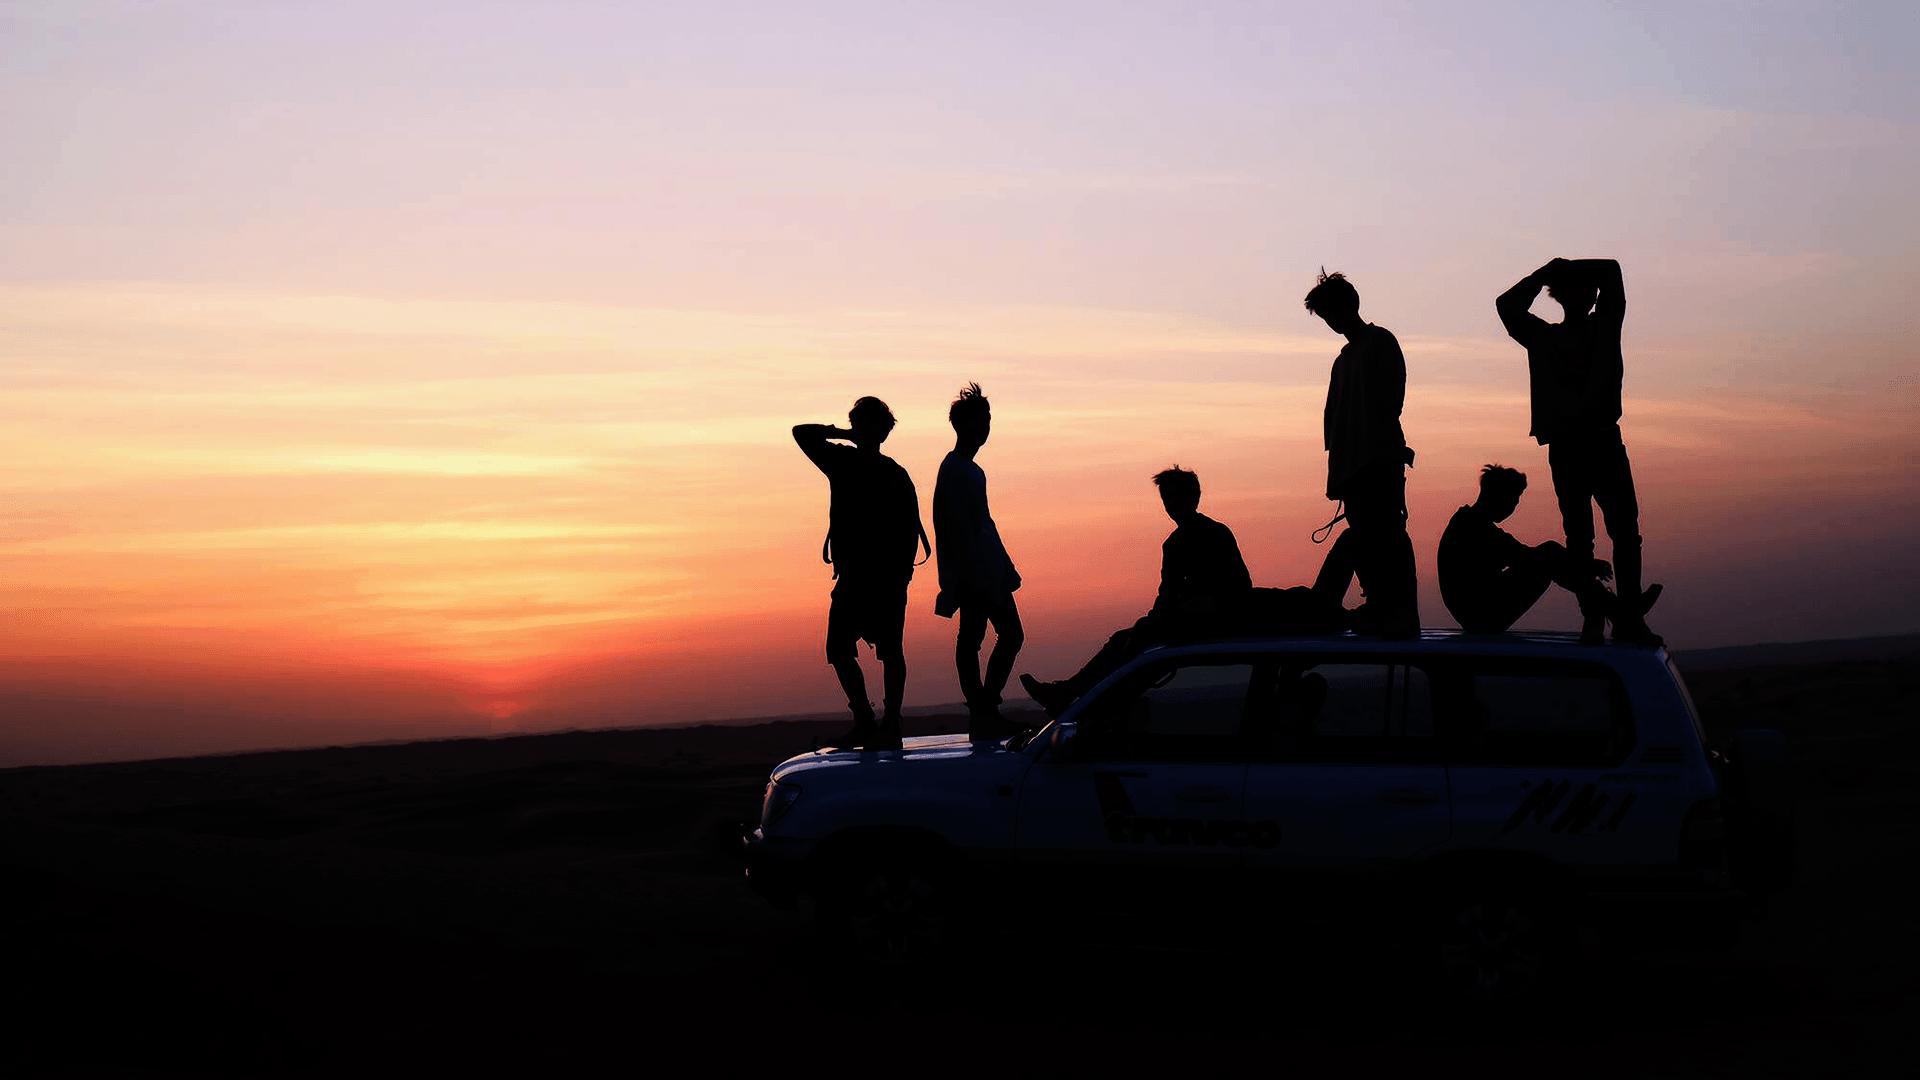 K Pop Bts Wallpaper En 2020 Fond D Ecran Pc Fond D Ecran Bts Bts Jungkook